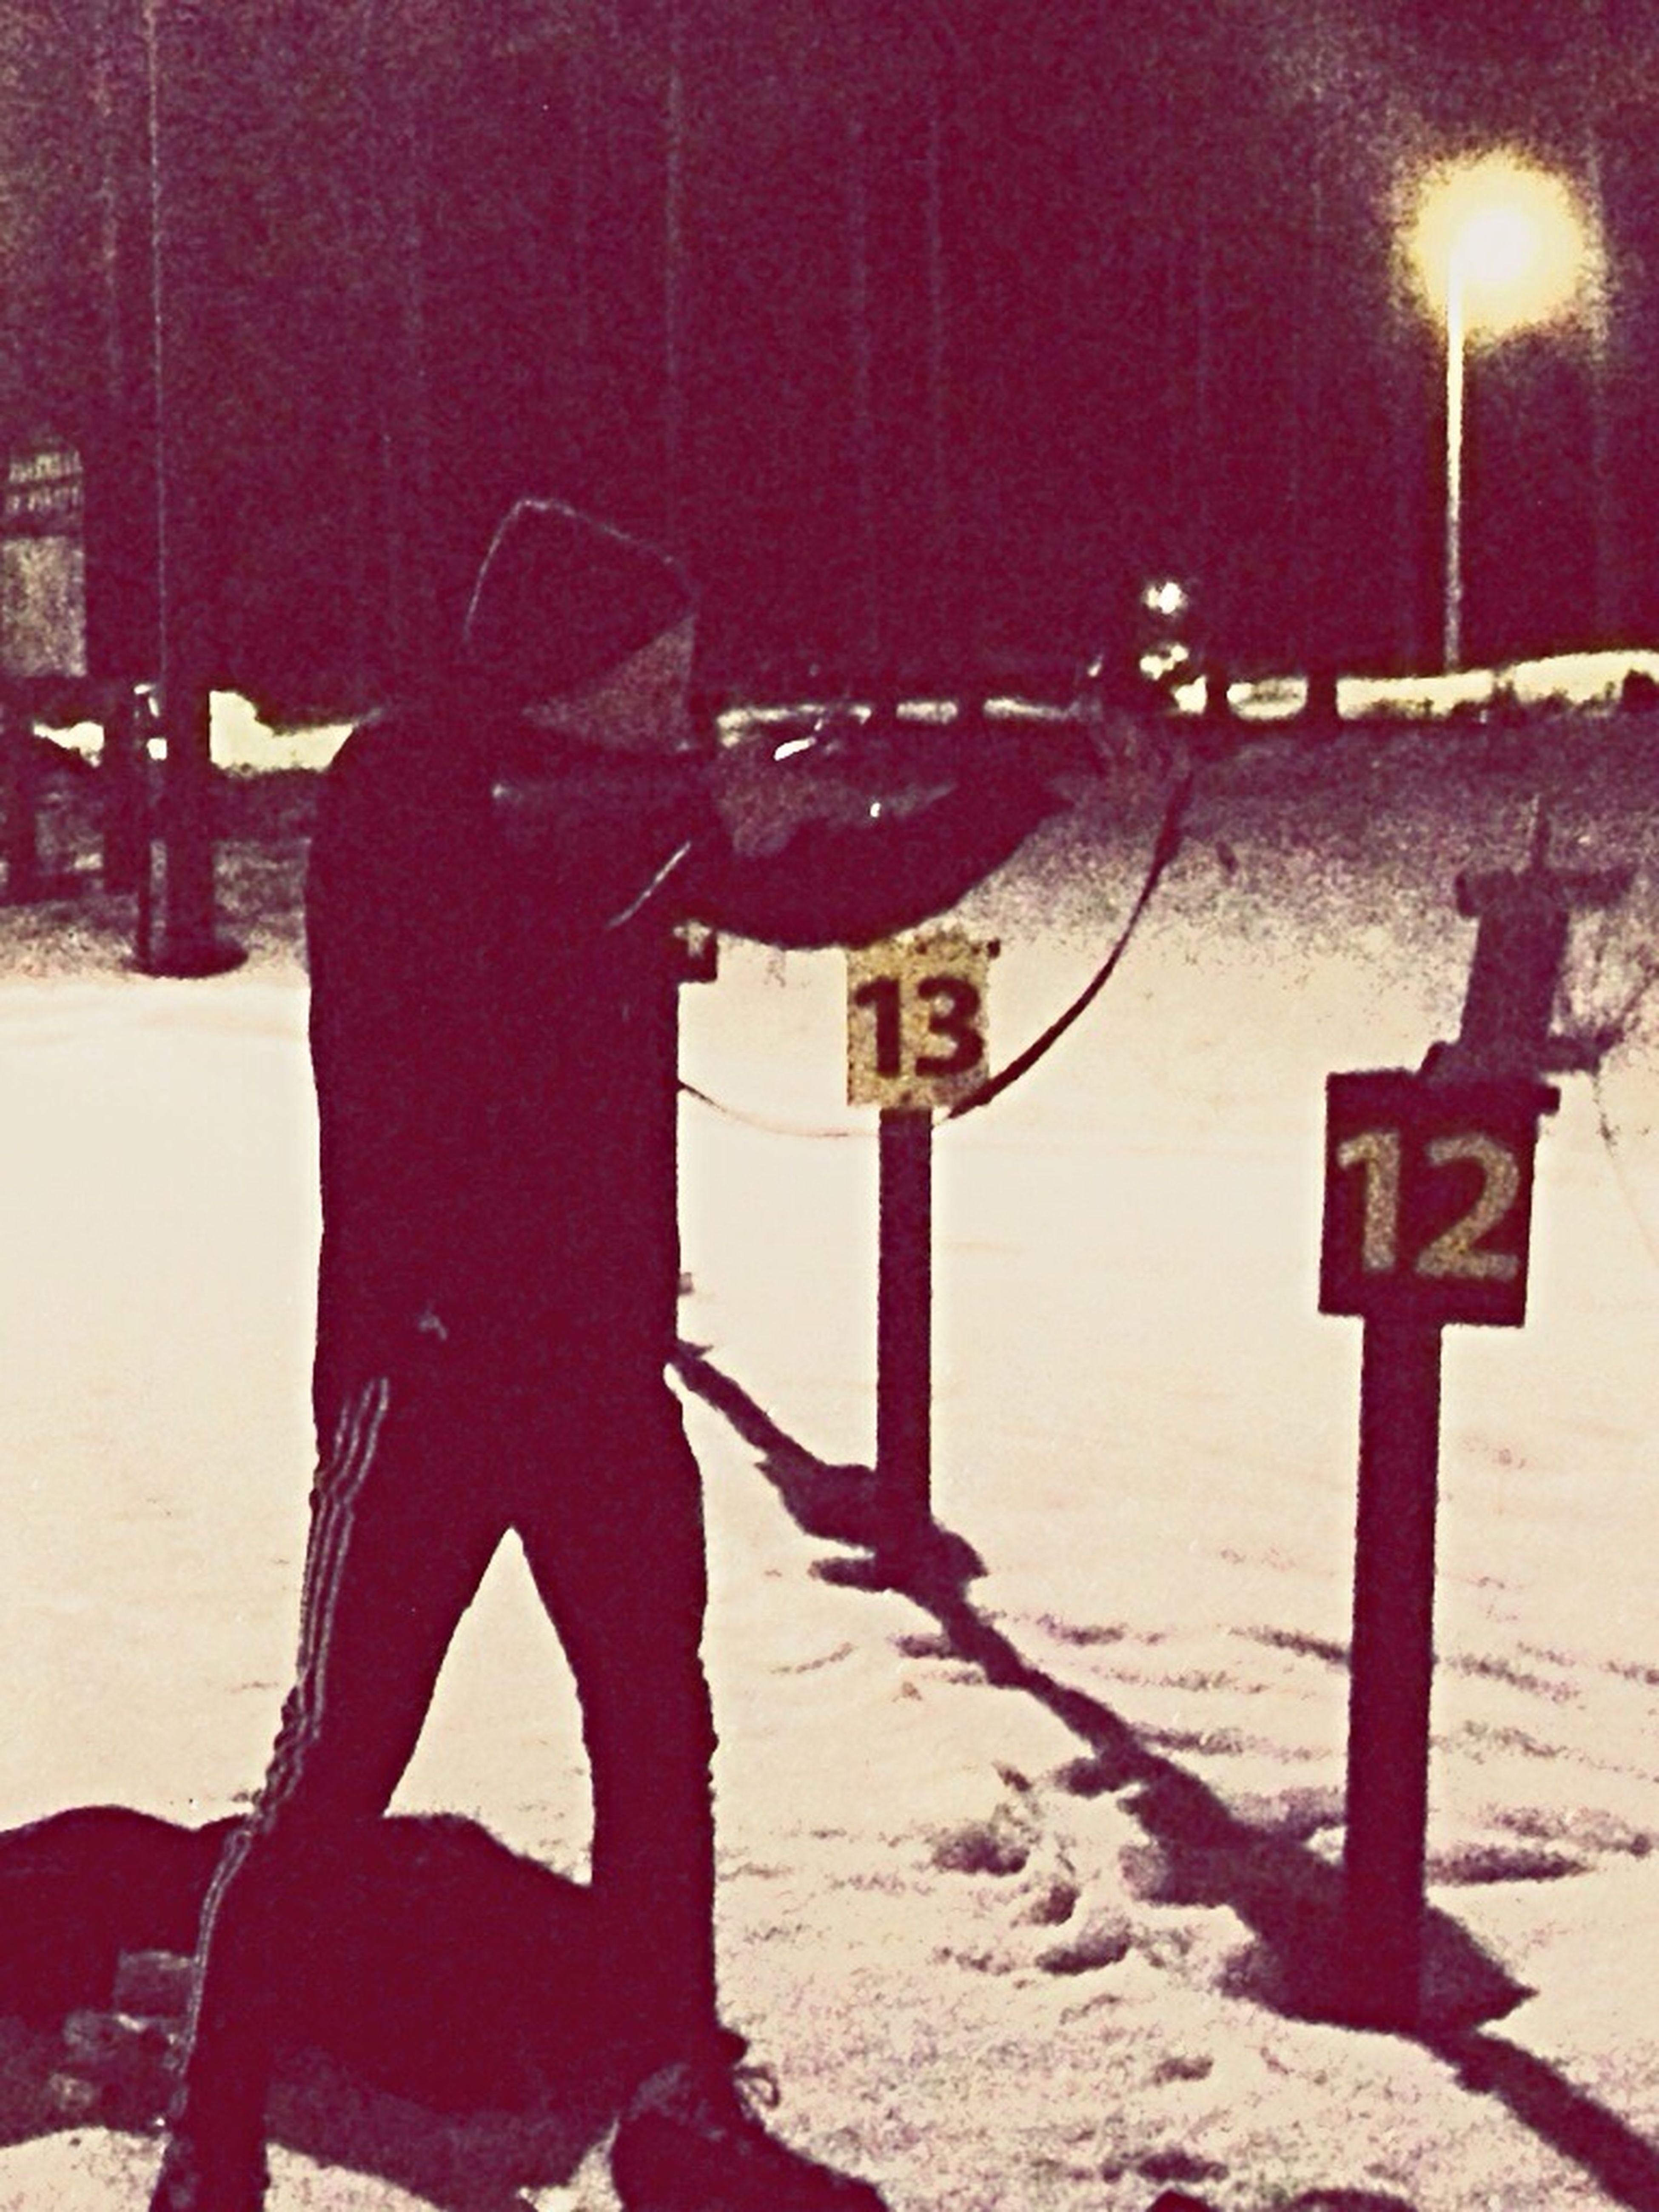 Wätt suddig bild, men efter att skjutit ett bra tag har jag kommit fram till att jag är värdelös på skidskytte, så ni vet det Skjutglad